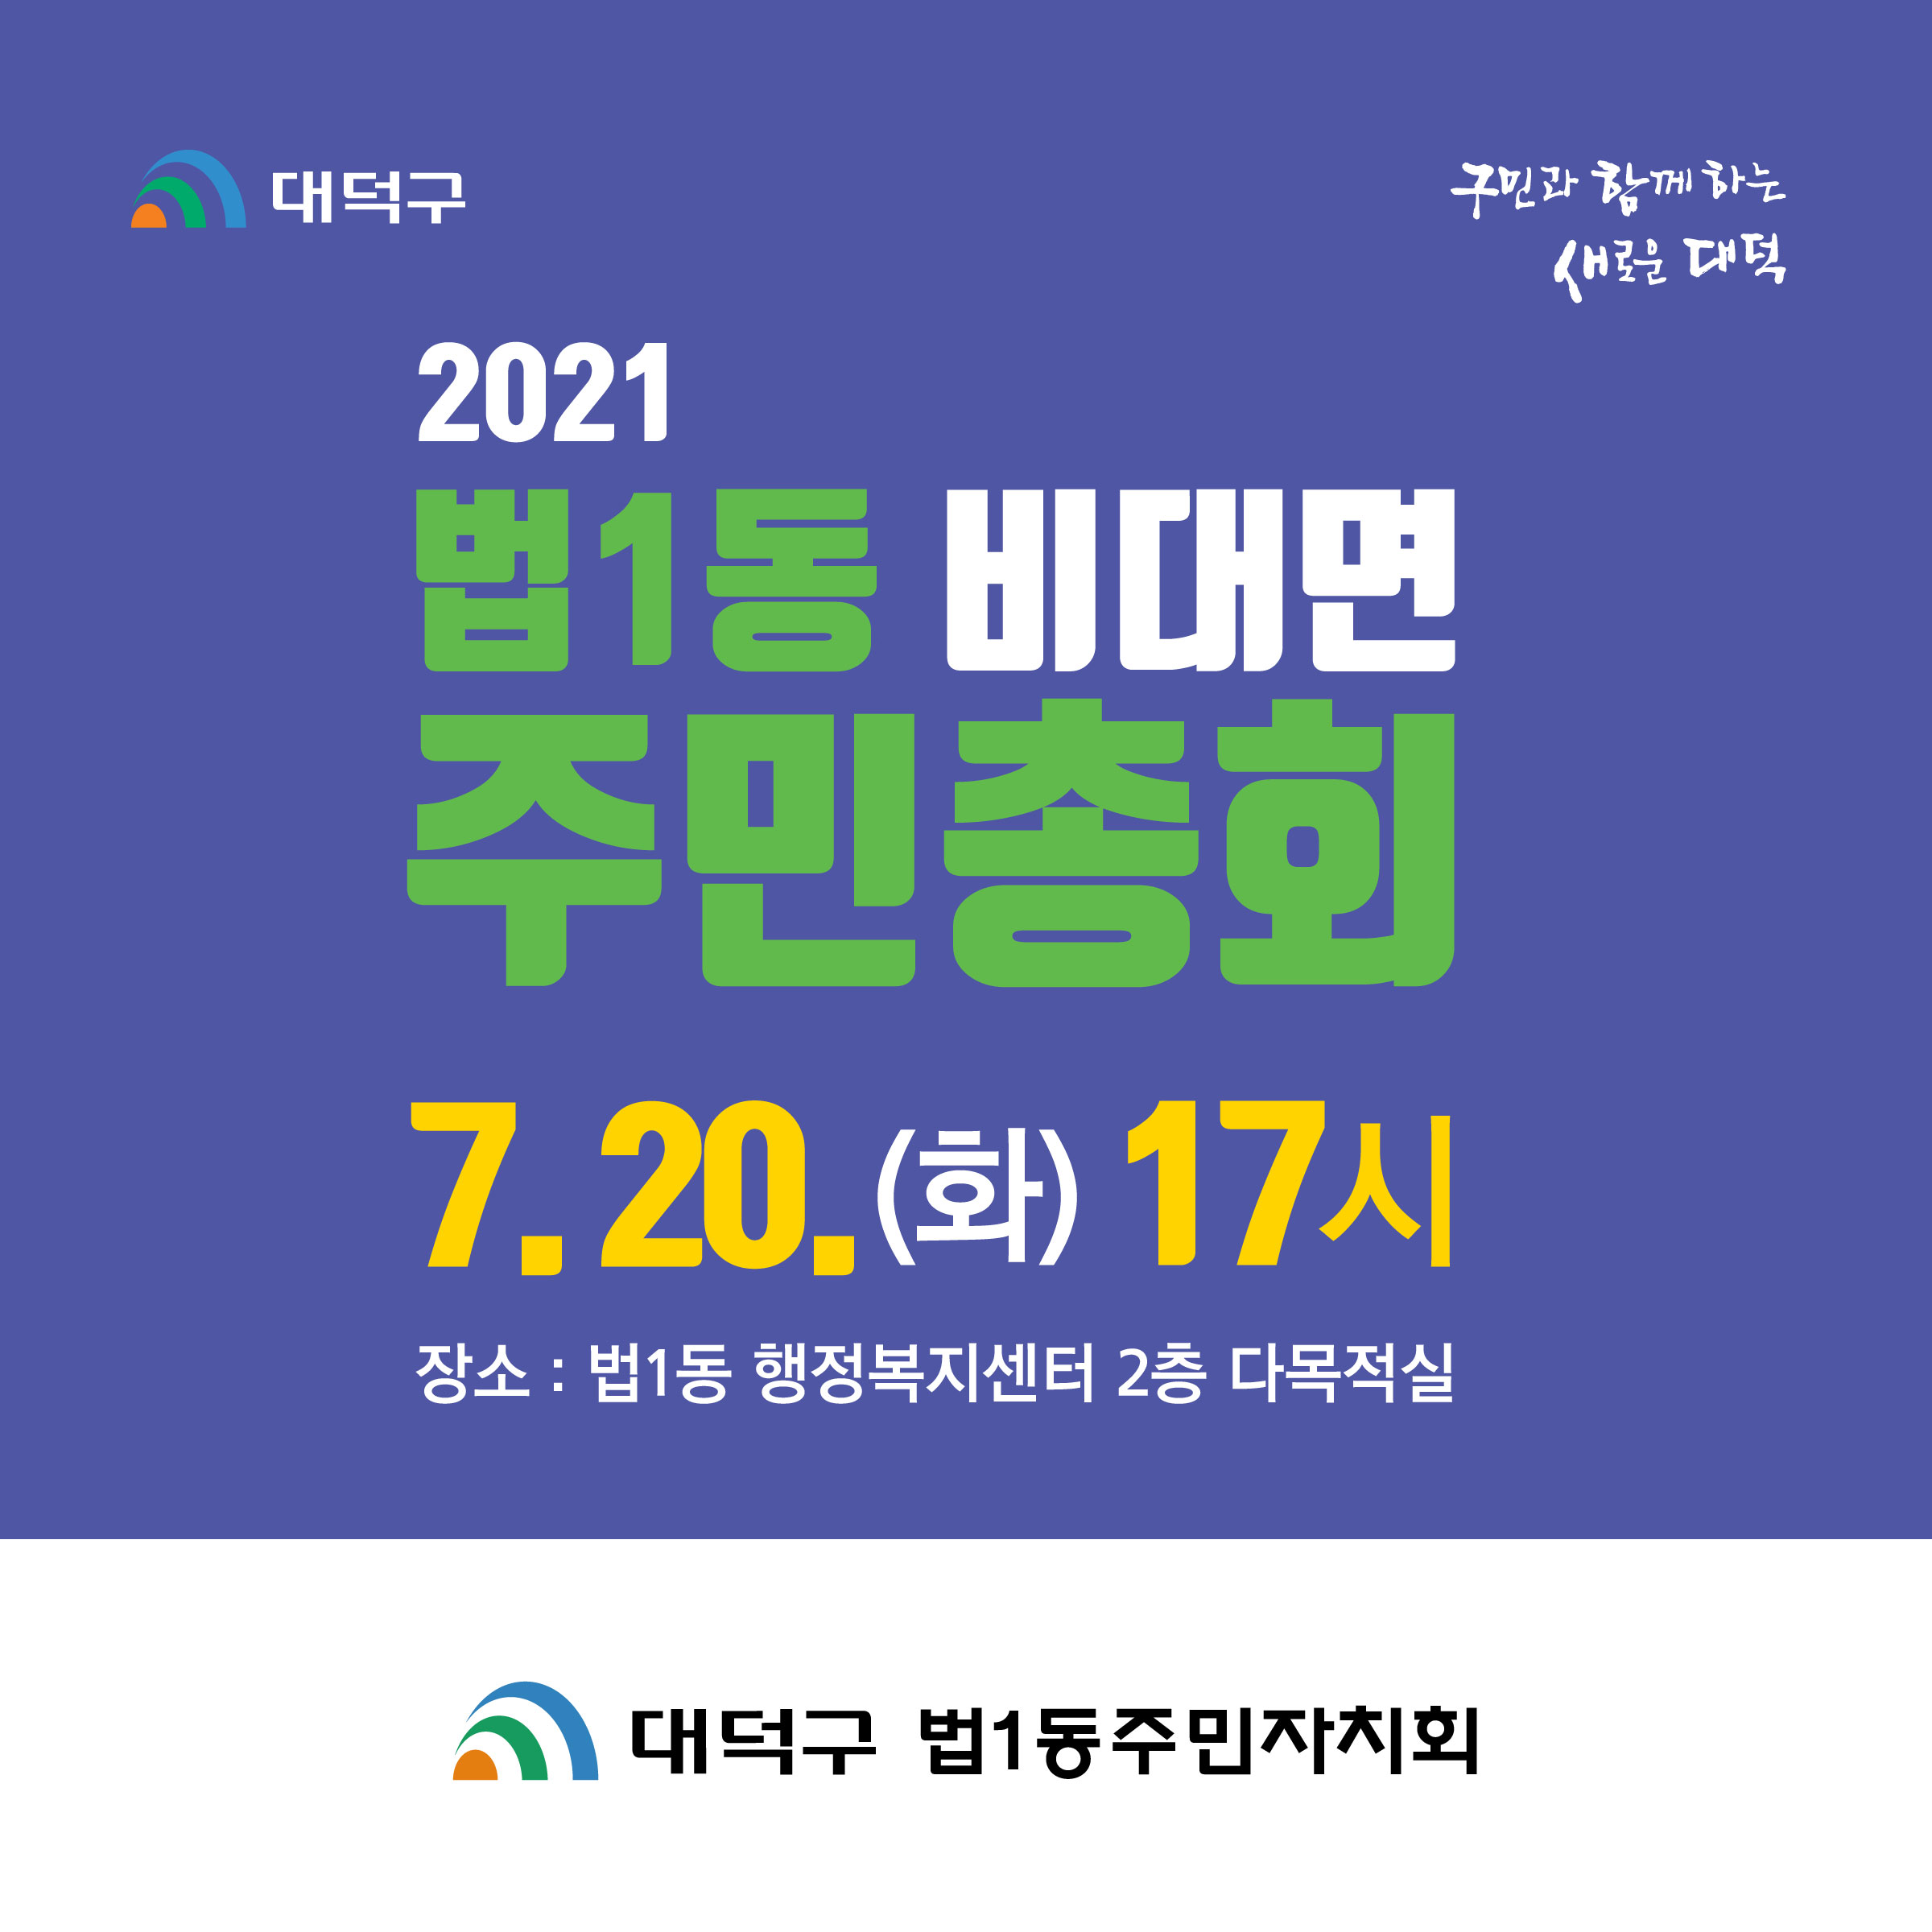 2021년 법1동주민자치회 주민총회